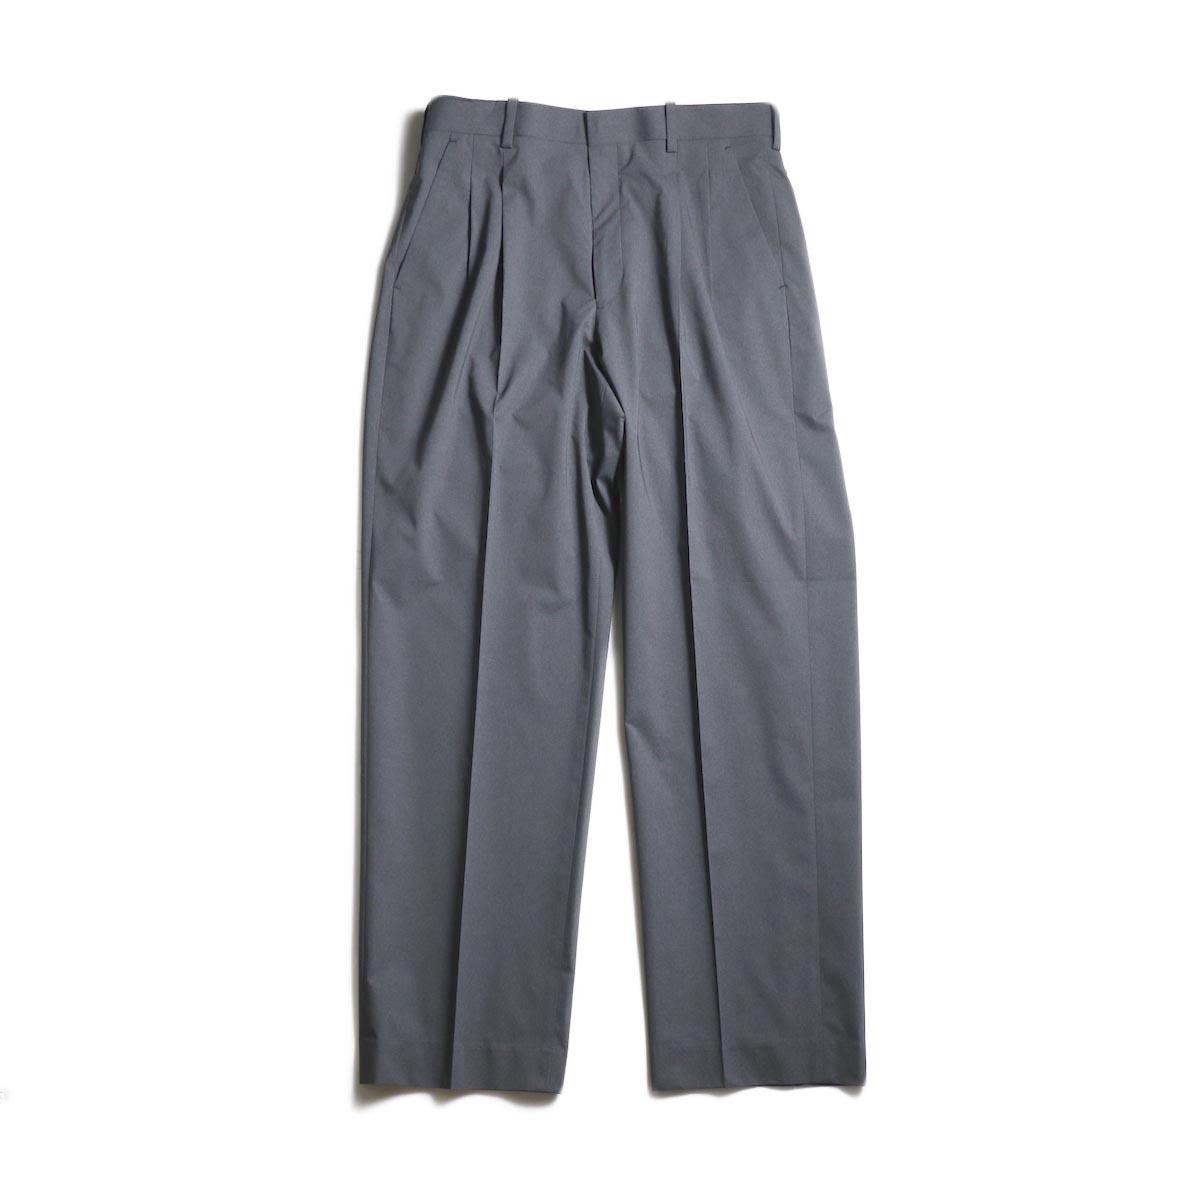 N.HOOLYWOOD / 1201-PT11-031 2Tuck Tapered Slacks (Charcoal)